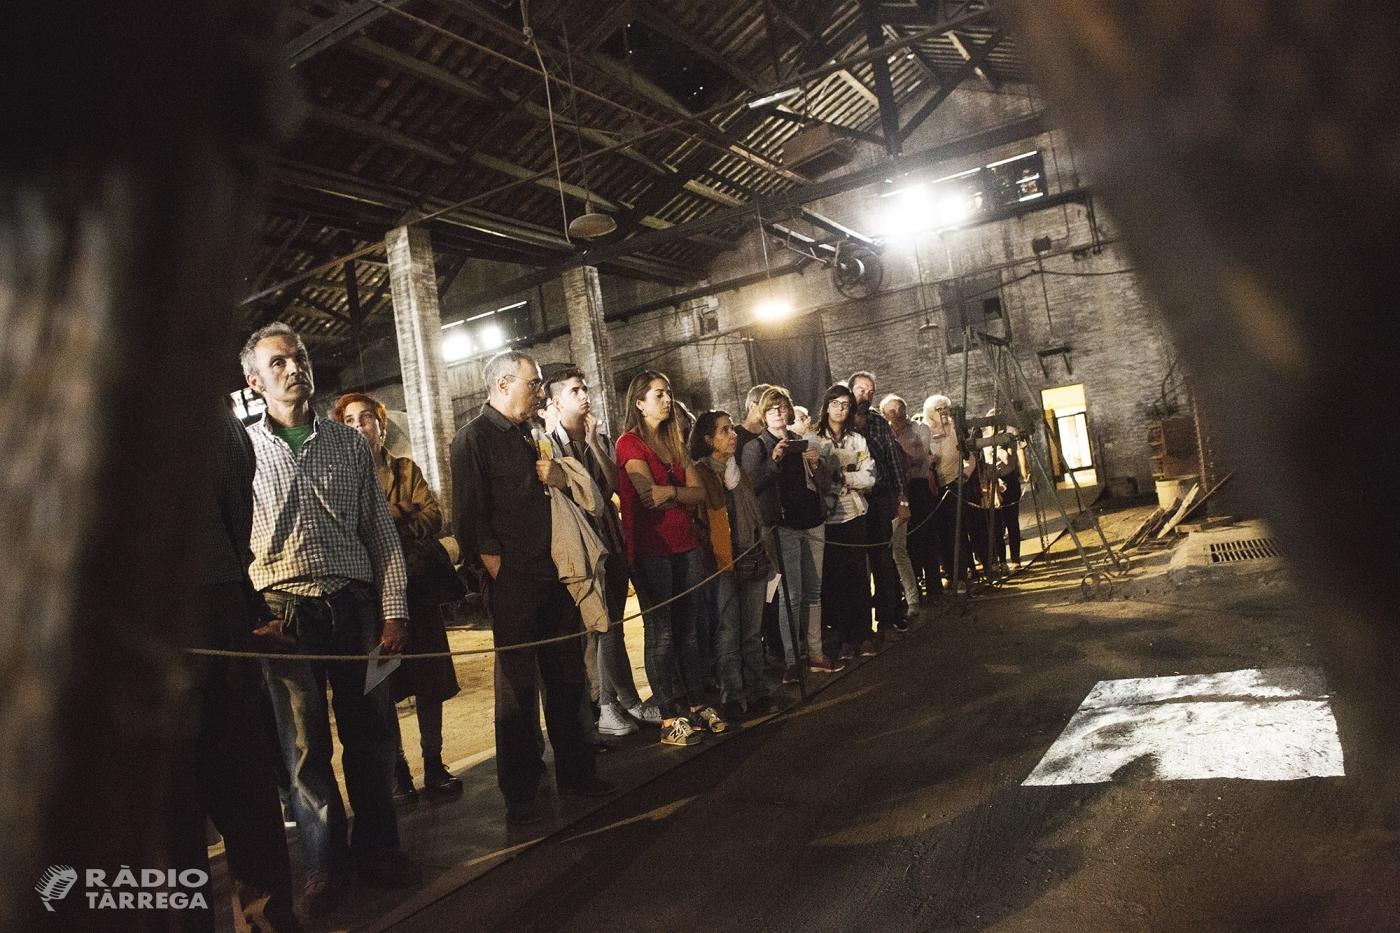 """El festival EMBARRAT de Tàrrega obre convocatòria d'artistes per a l'exposició """"La Gran Màquina VI"""" i els premis Embarrat 2019"""